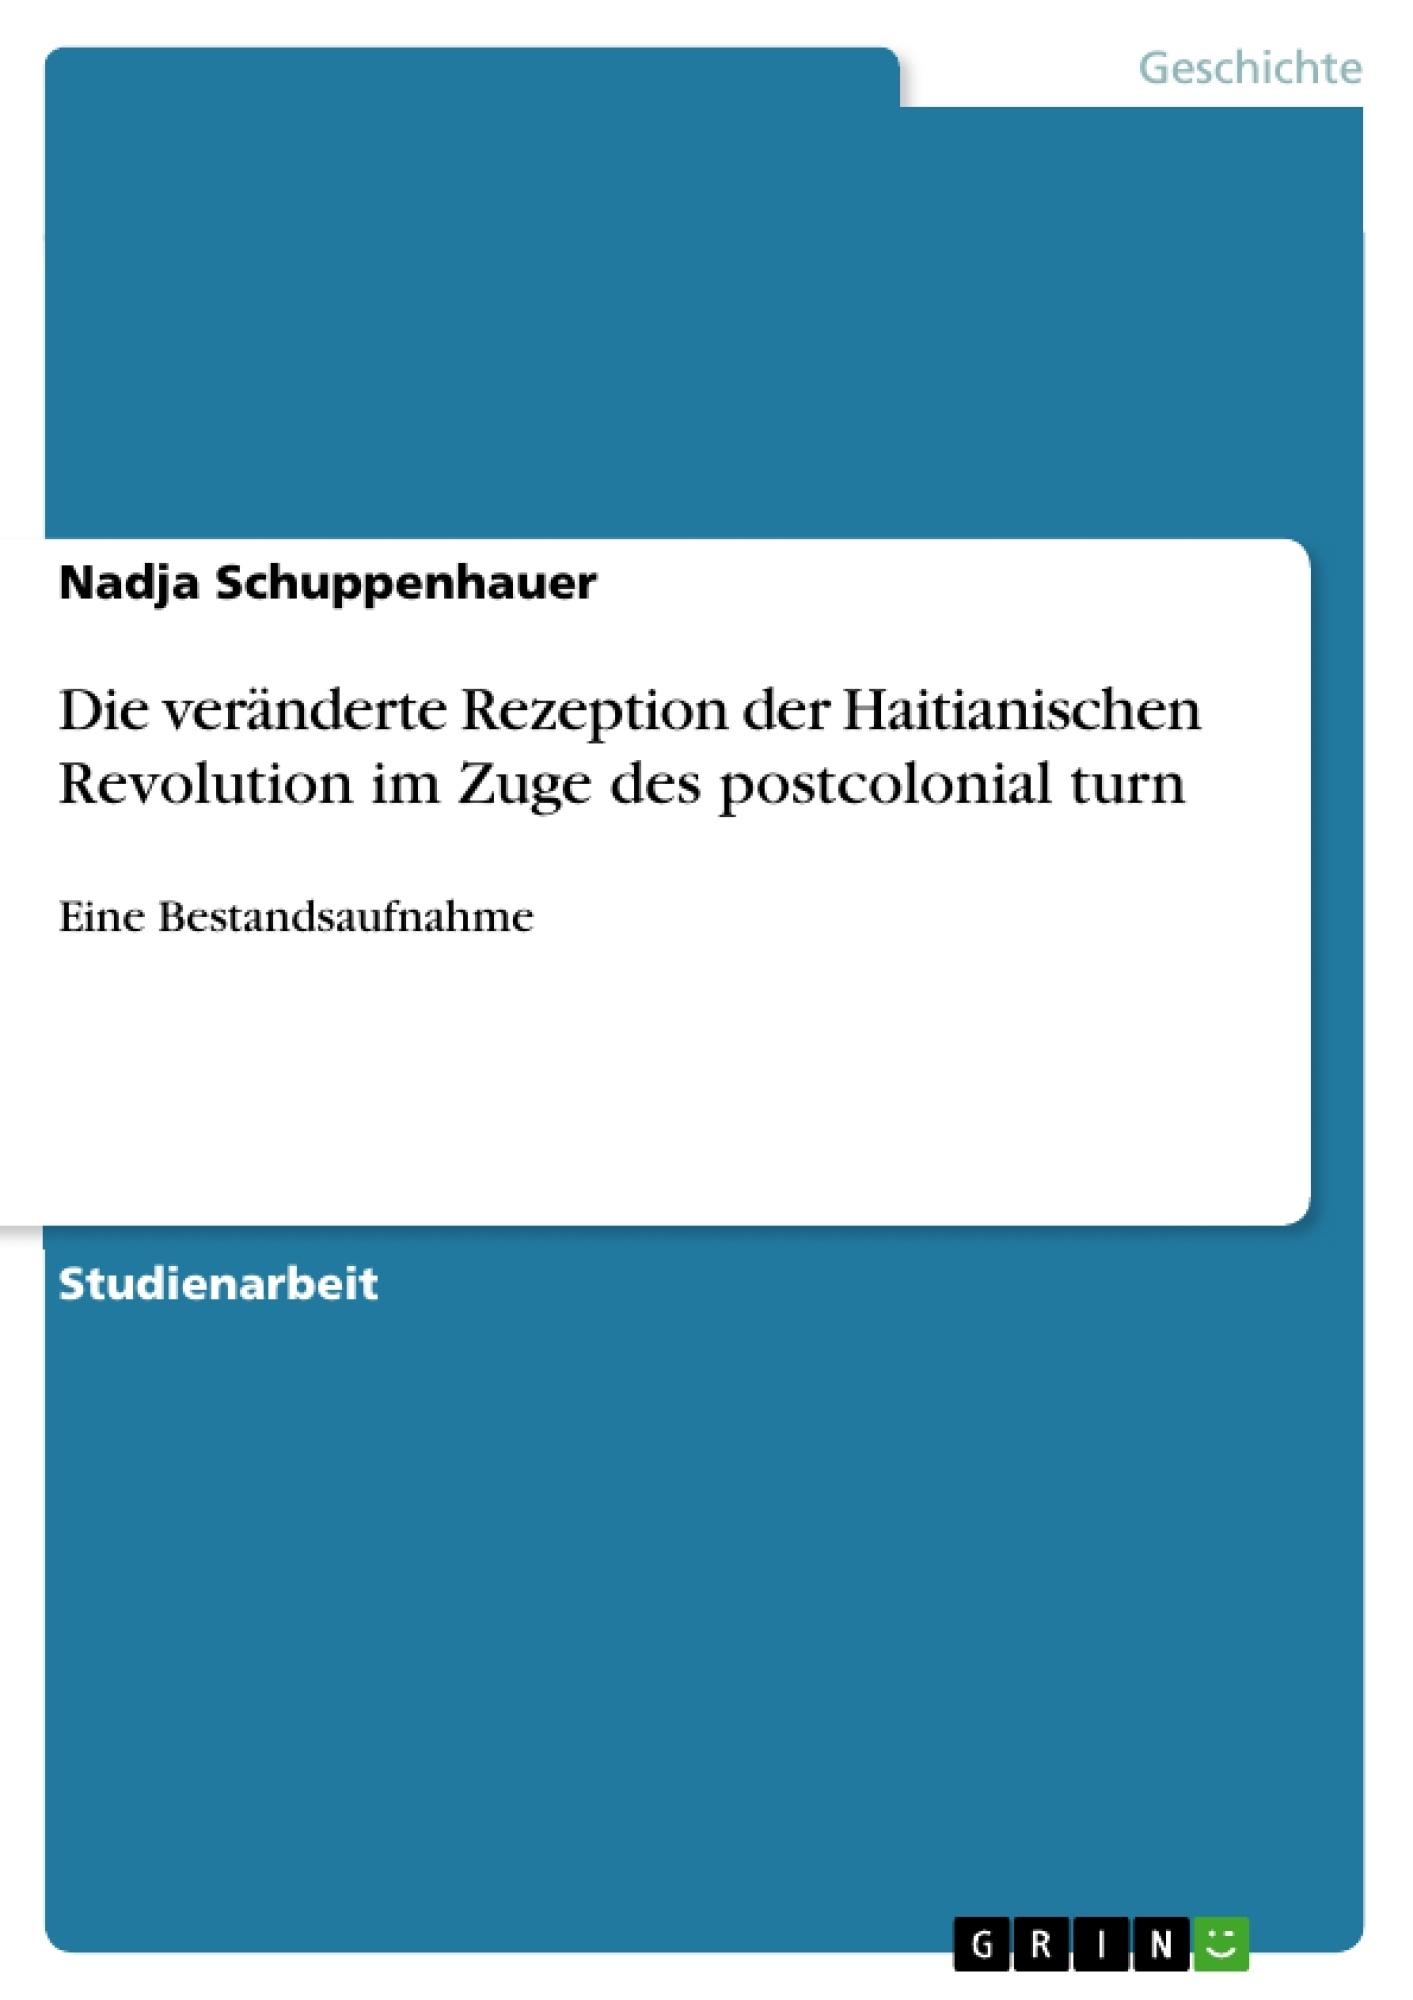 Titel: Die veränderte Rezeption der Haitianischen Revolution im Zuge des postcolonial turn